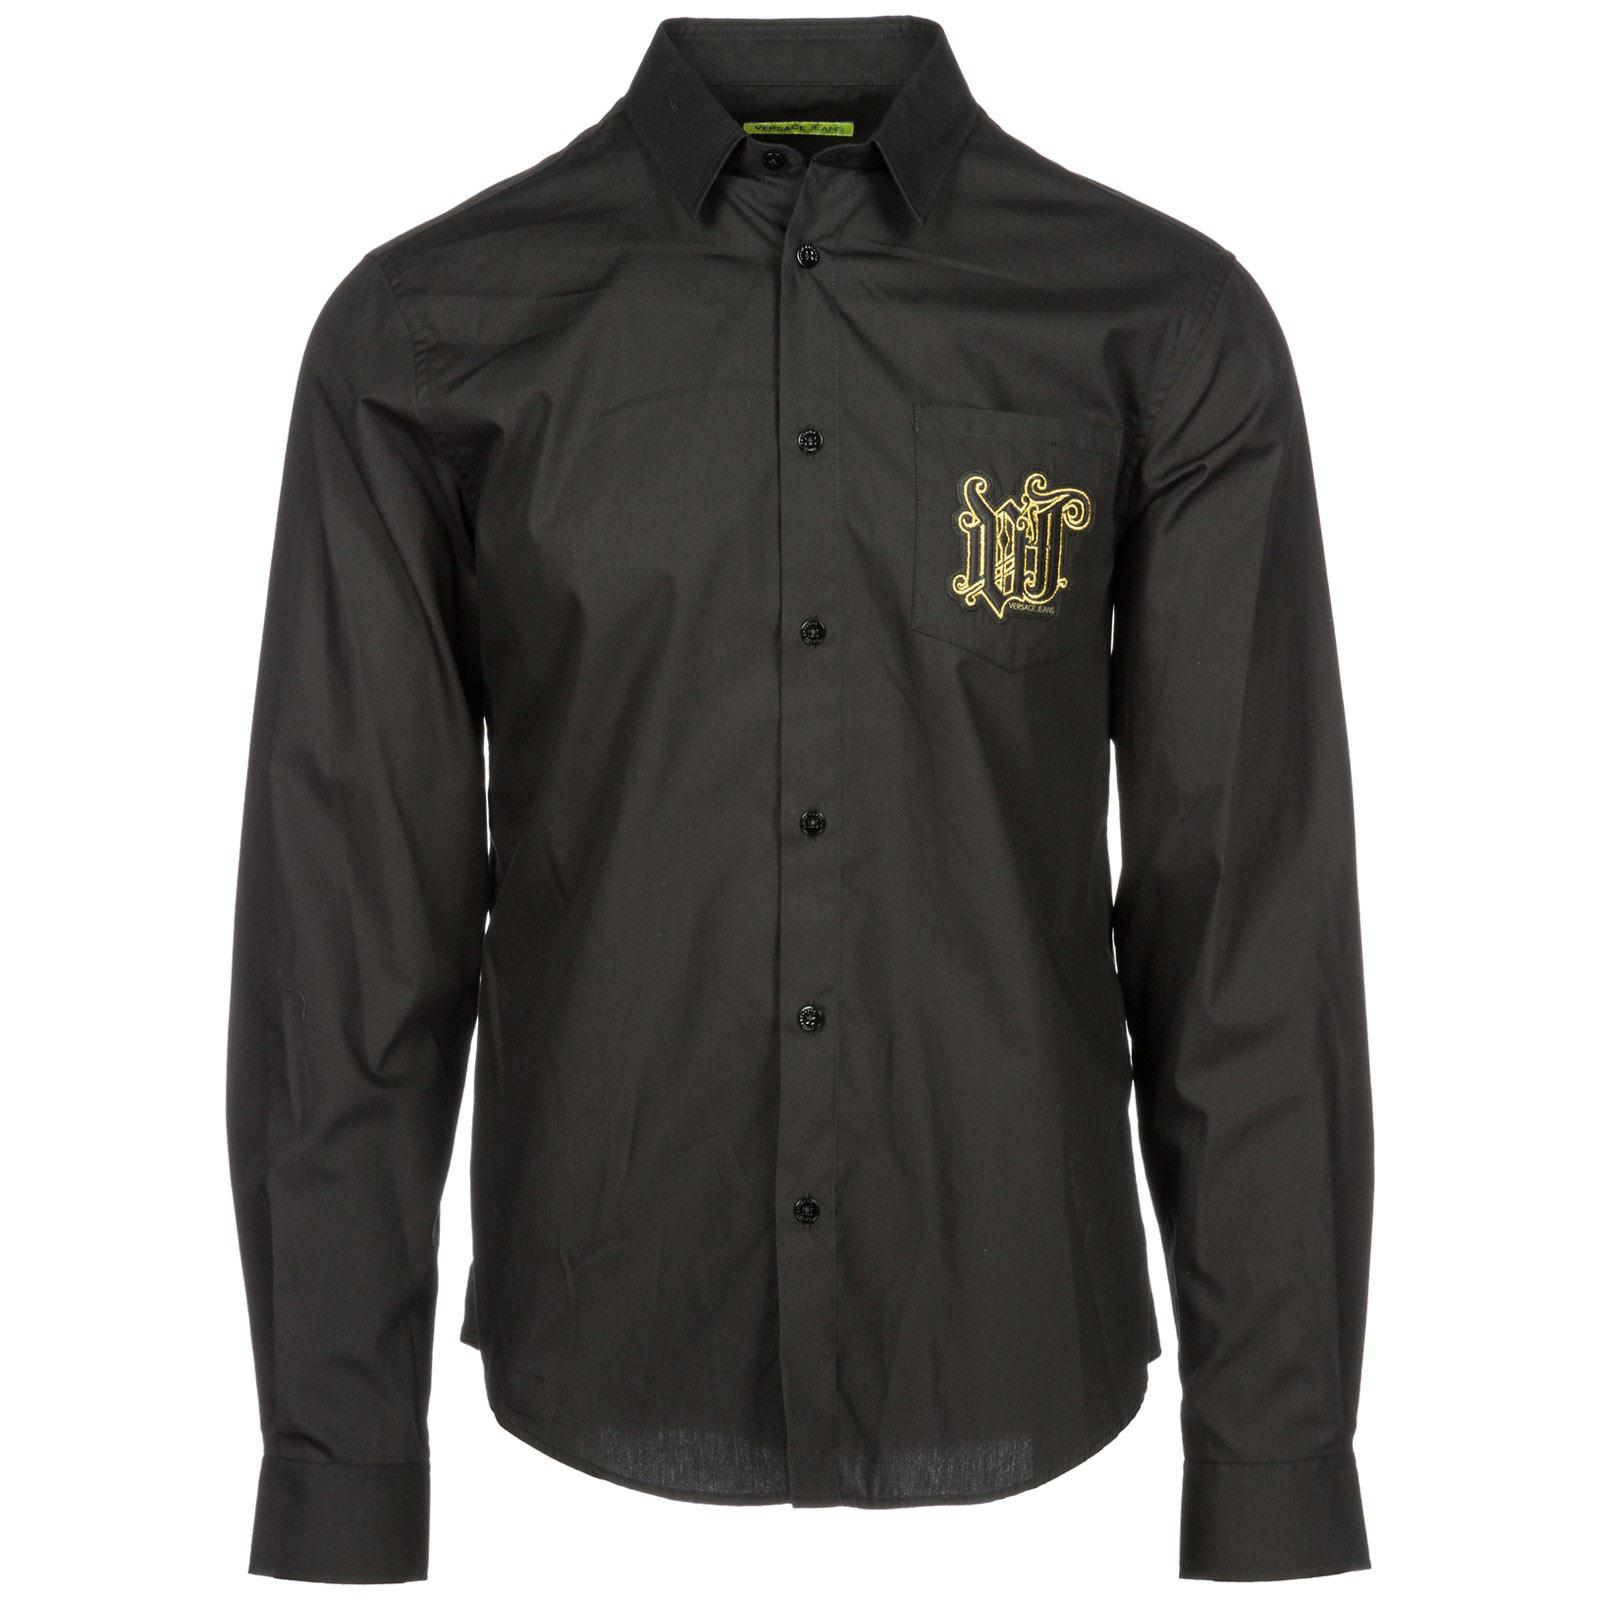 a461aaf2cb78 Men s long sleeve shirt dress shirt ...